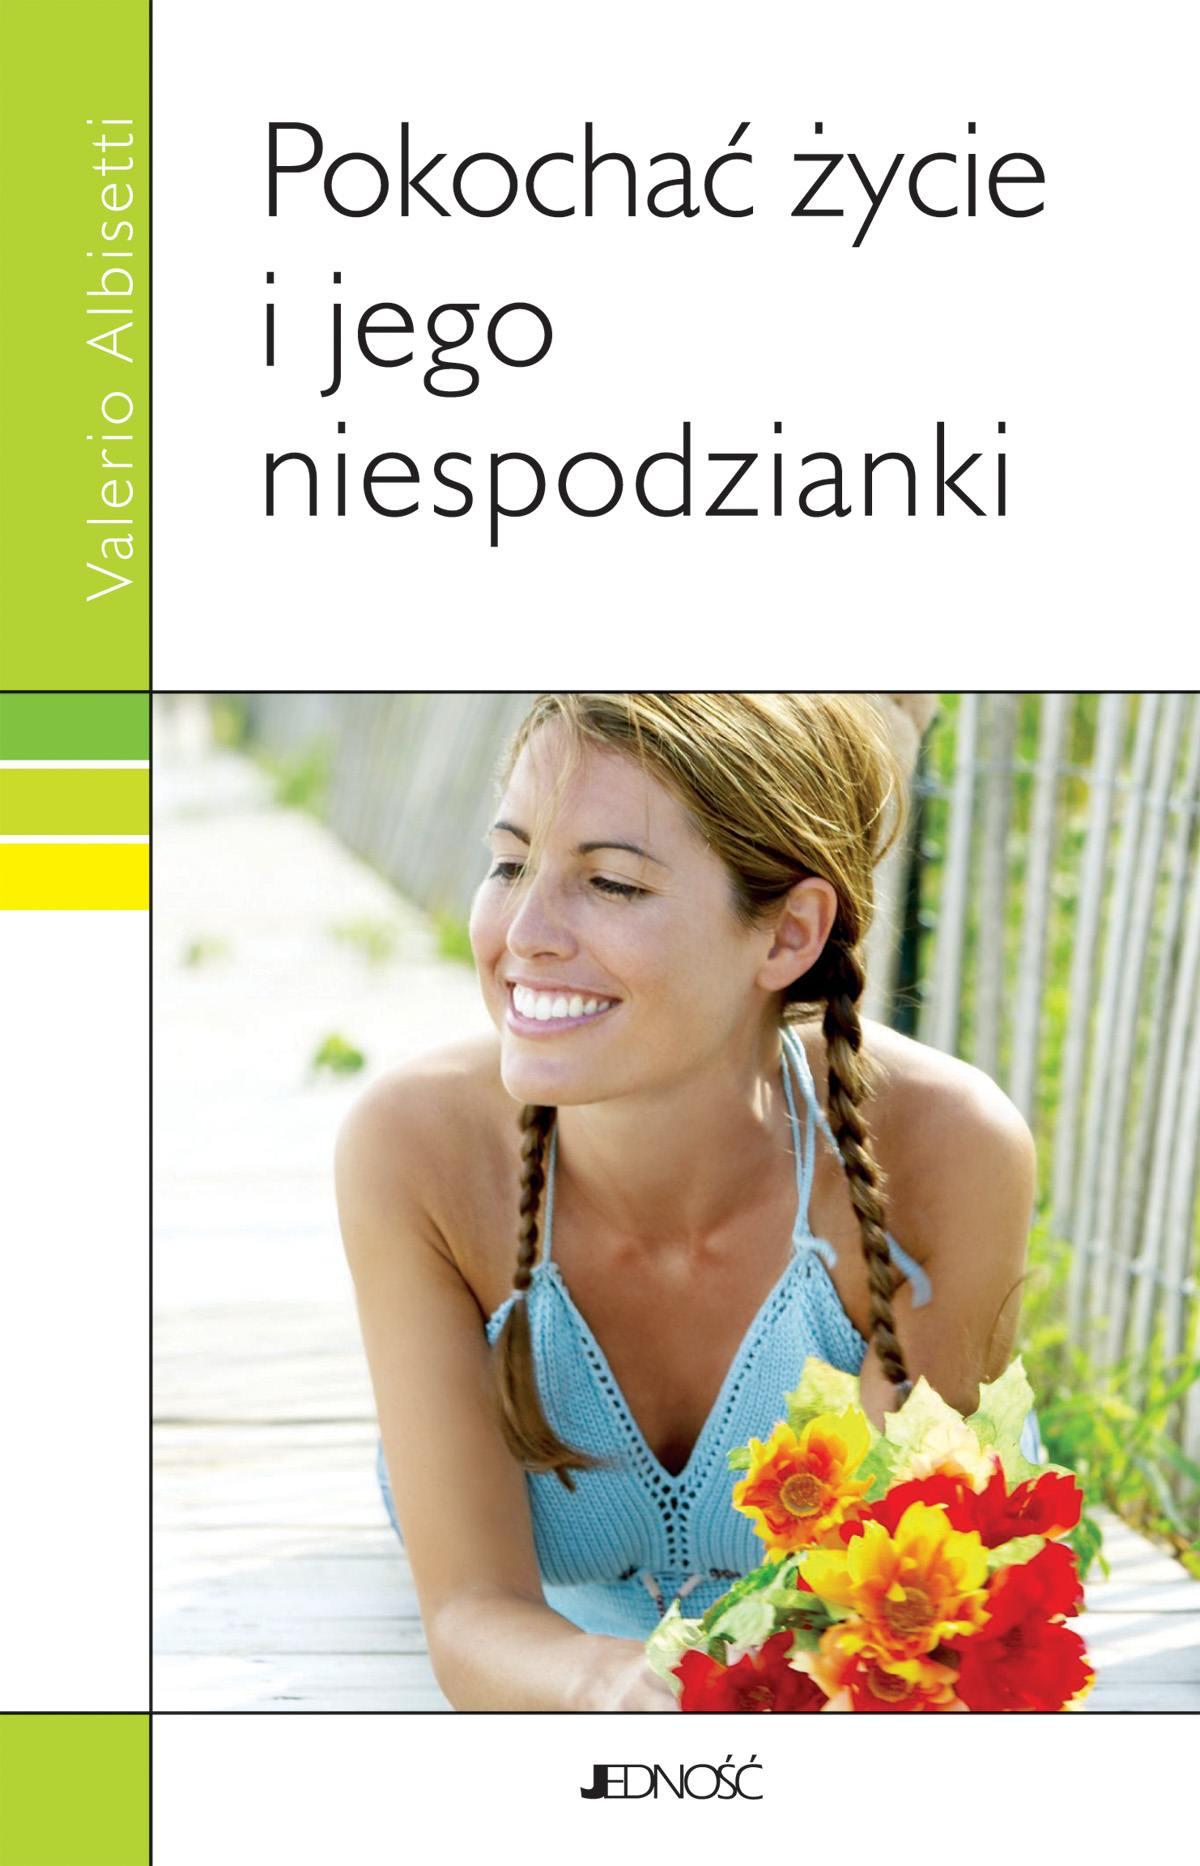 Pokochać życie i jego niespodzianki - Ebook (Książka EPUB) do pobrania w formacie EPUB